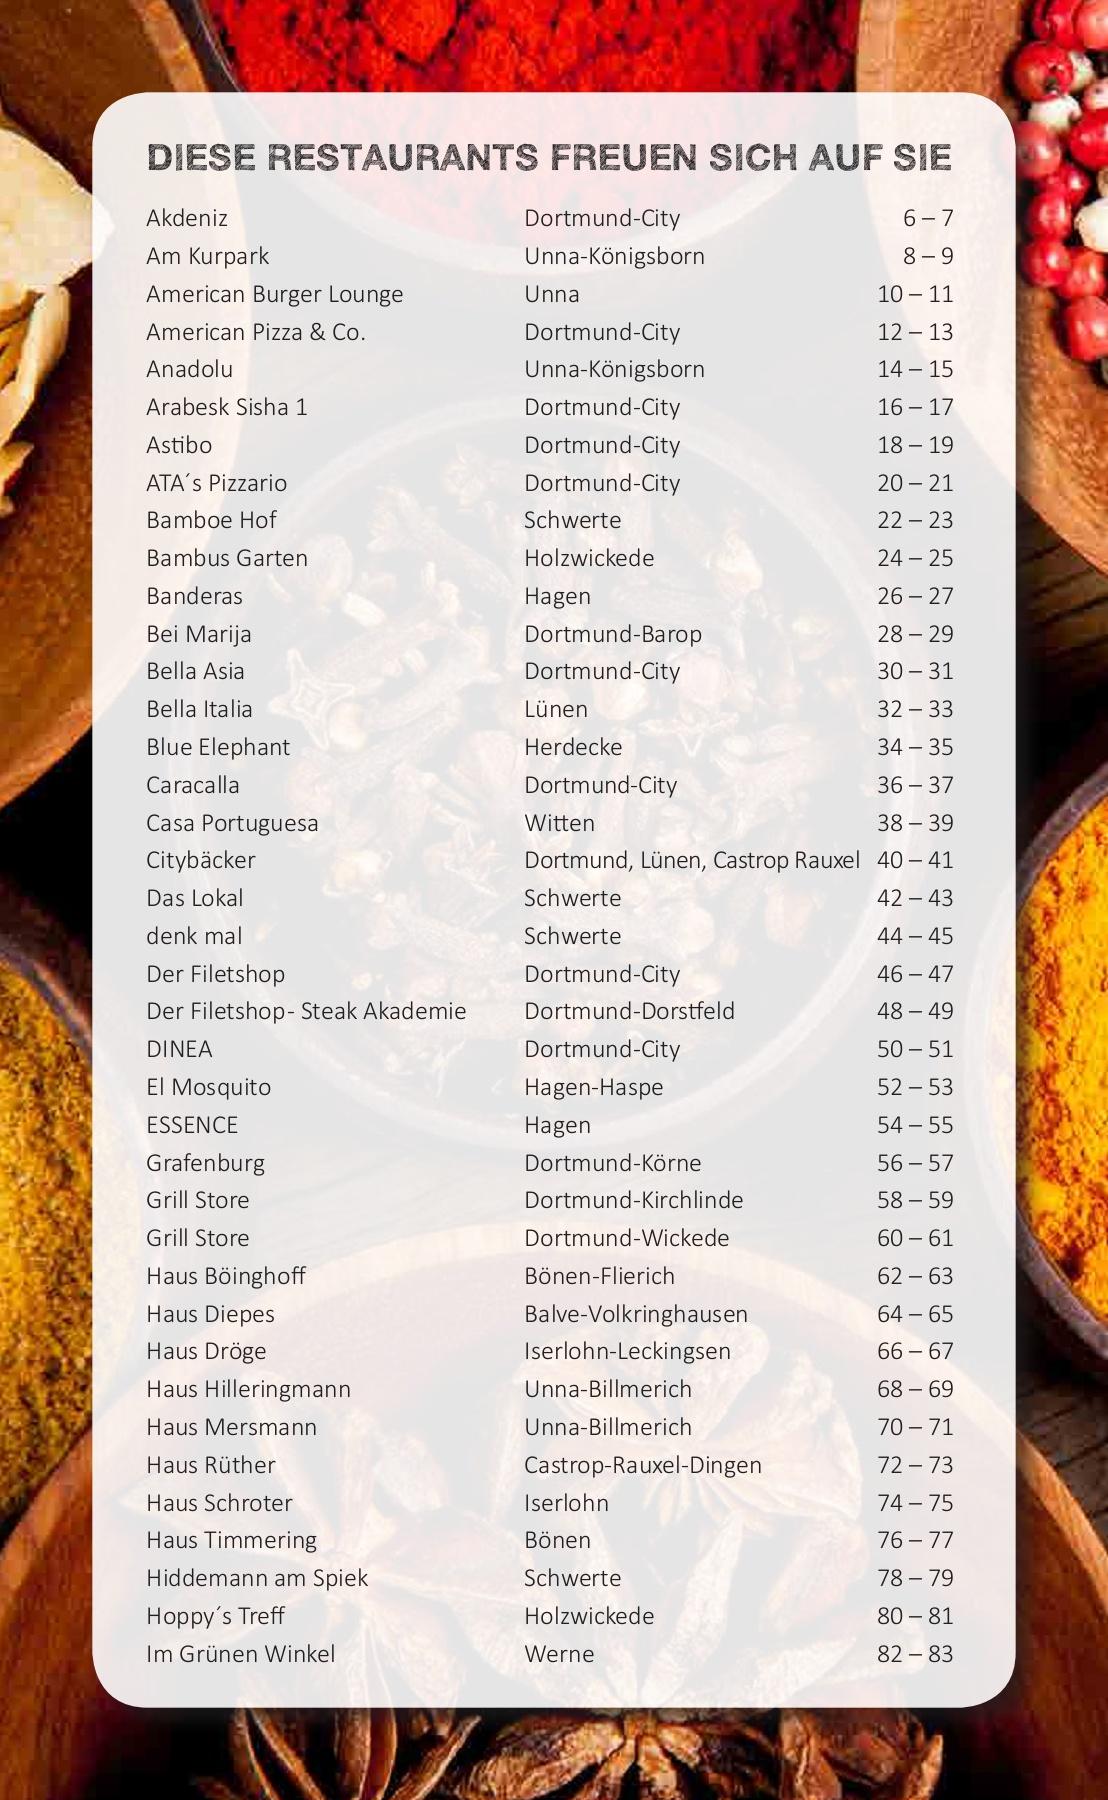 Full Size of Mahlzeit In Ihrer Stadt 2018 Pages 1 50 Text Version Hotel Bad Neuenahr Rollschrank Unterschrank Holz Schrank Schlafzimmer Schreibtisch Regal Ahrweiler Für Wohnzimmer Hr Leckere Landküche Rezepte